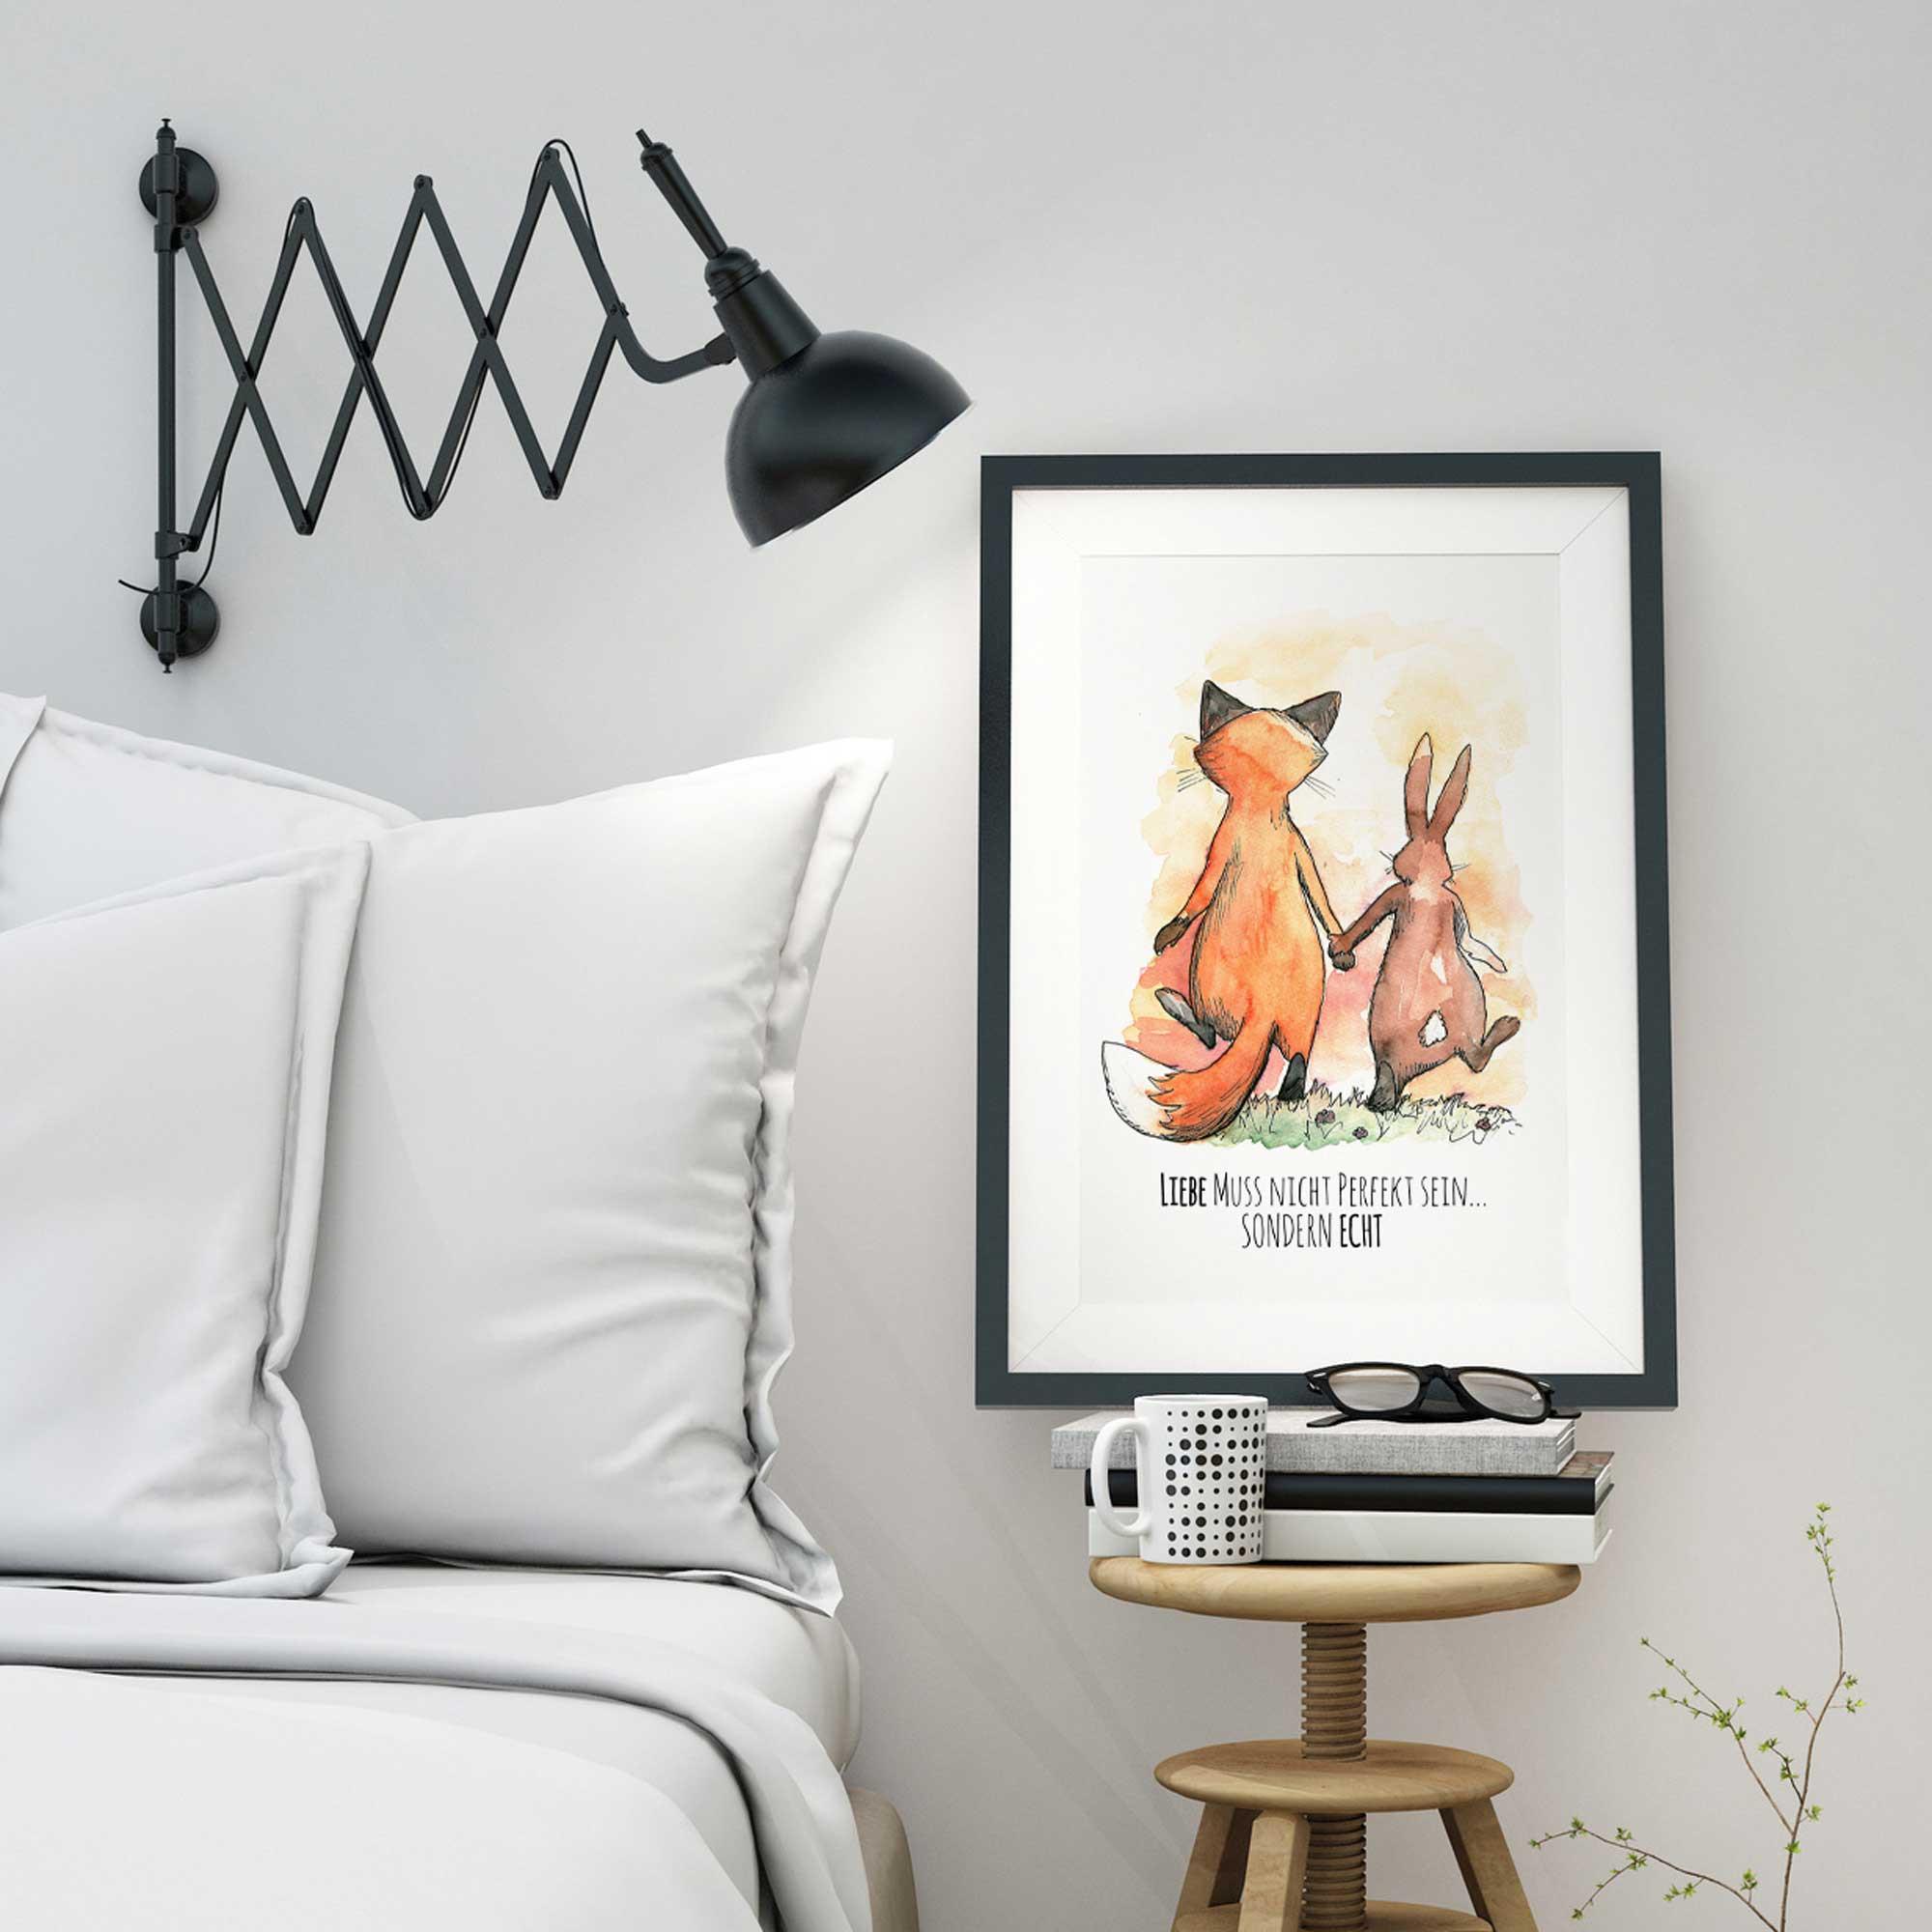 A3 Print Illustration Poster Hase und Fuchs mit Spruch Liebe muss nicht perfekt sein sondern